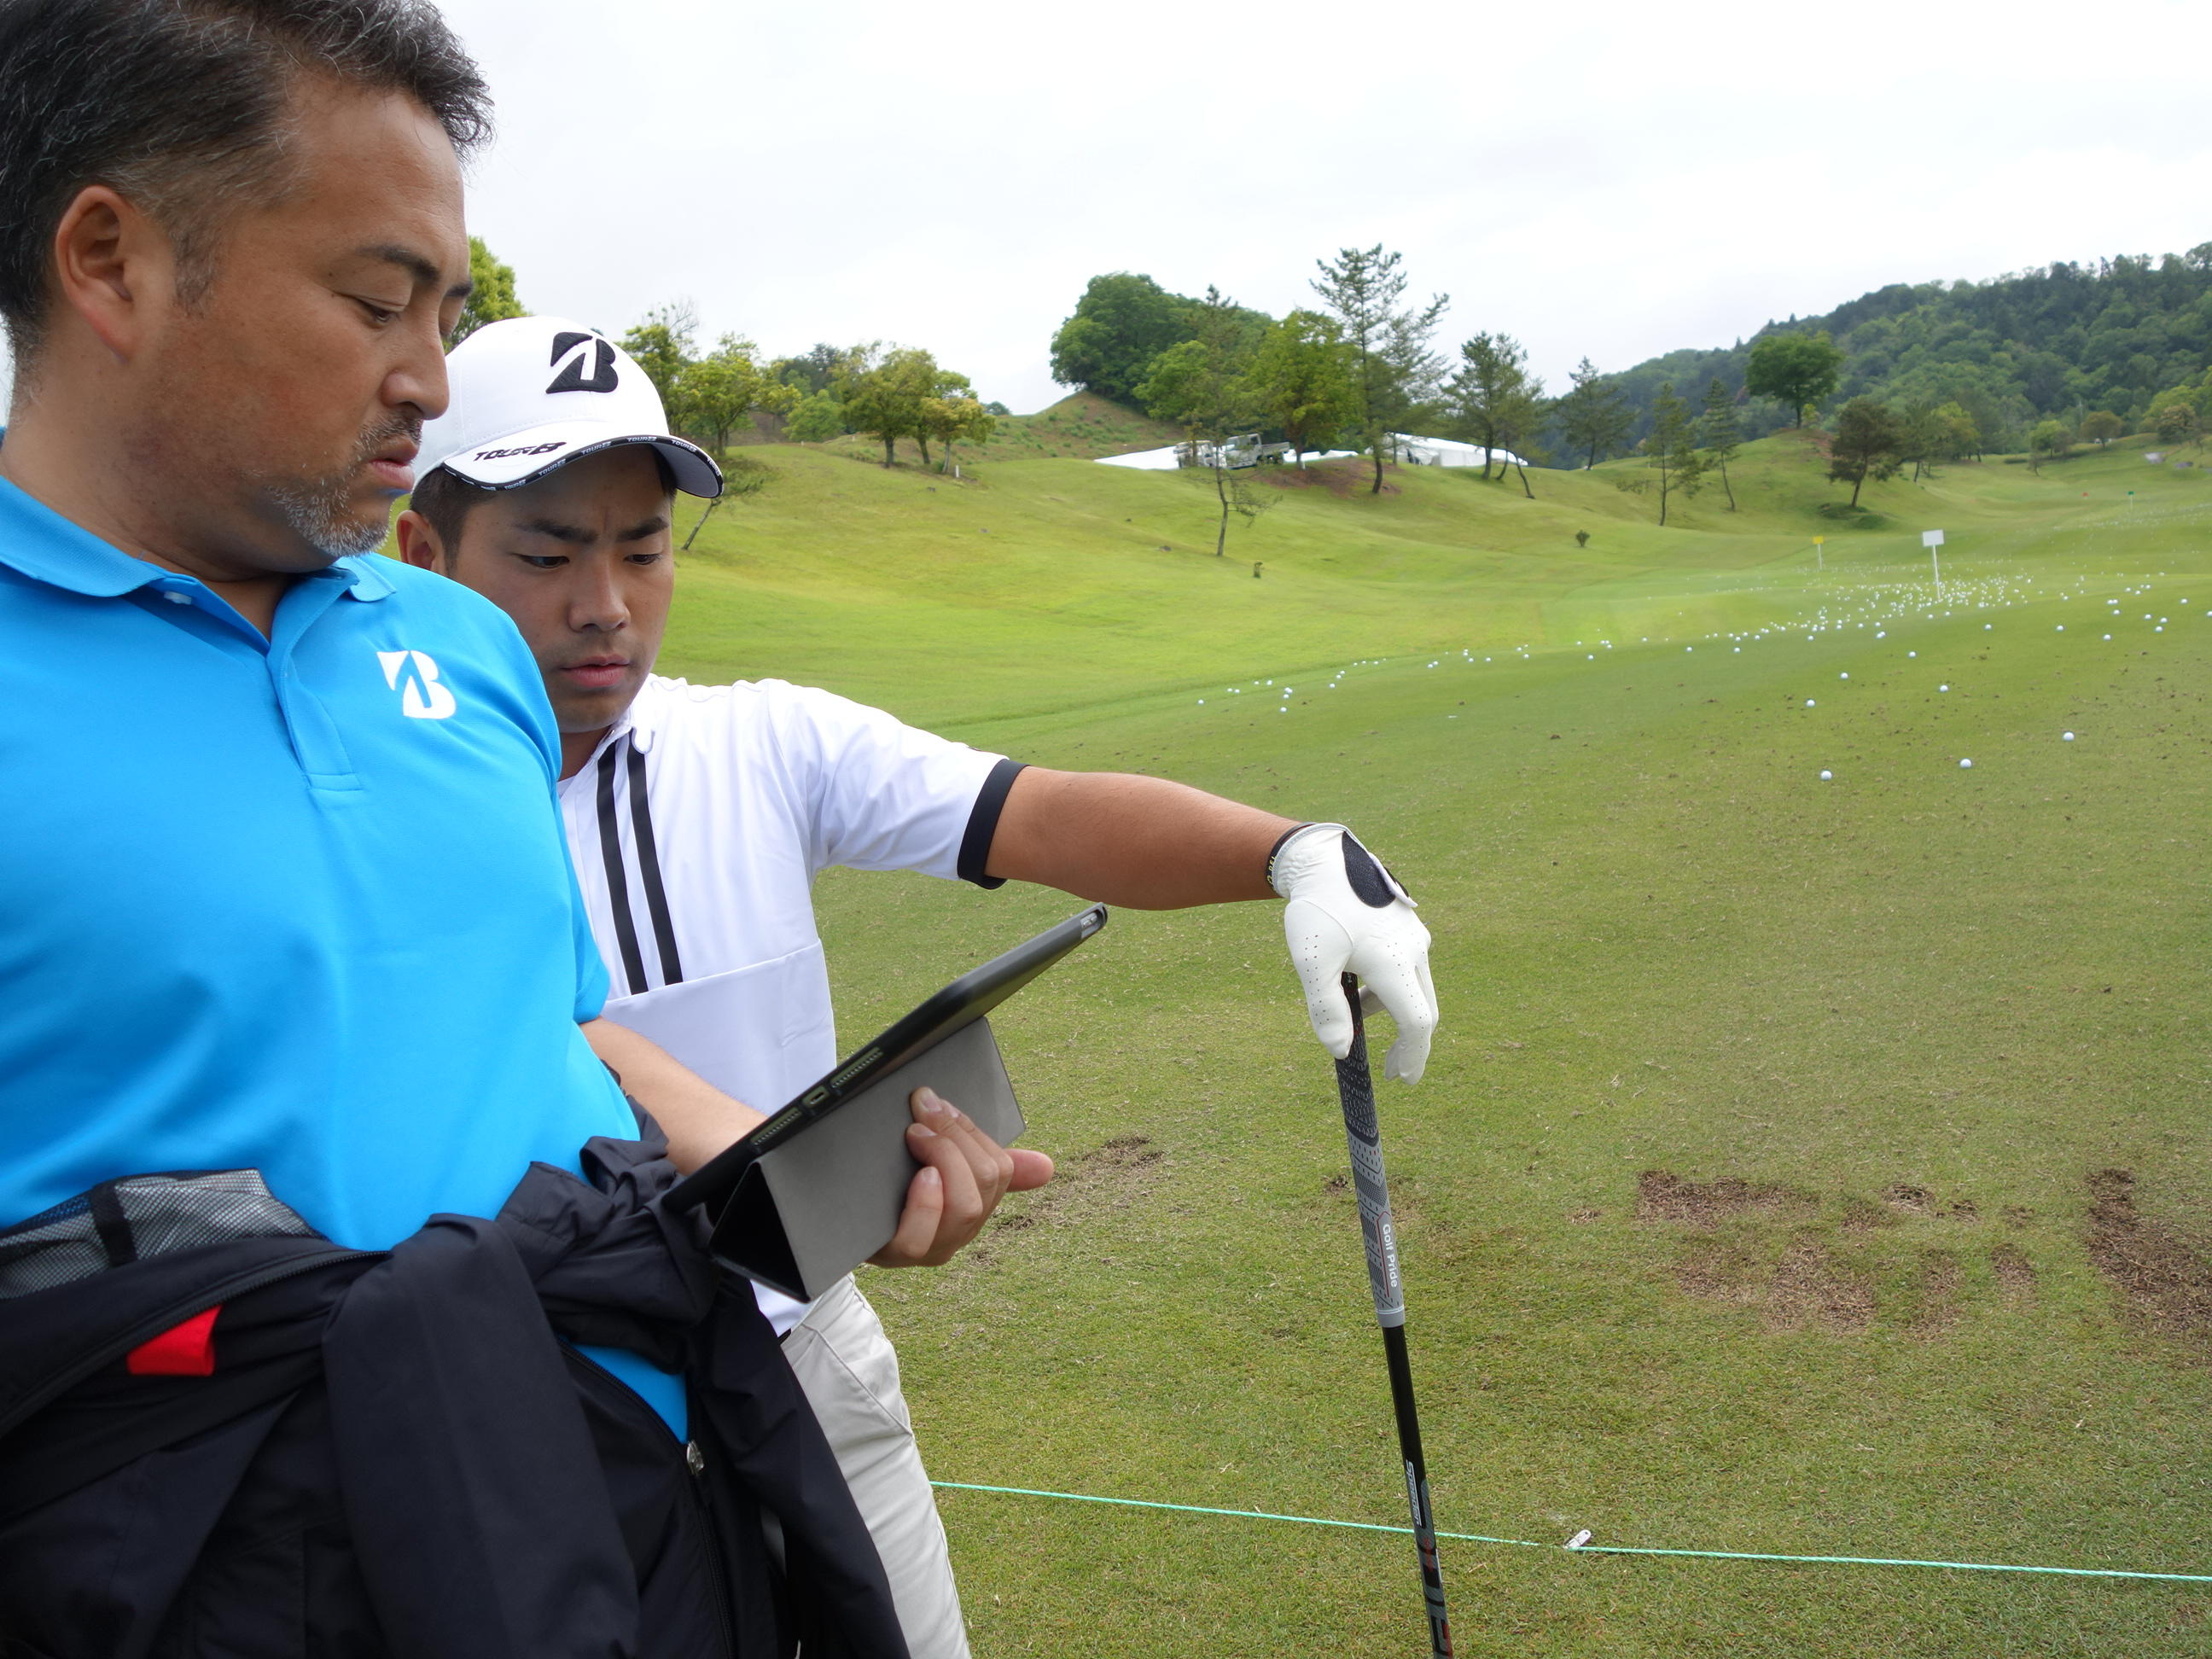 https://www.bs-golf.com/pro/8cbd9d12c95dd63b33d7b201859782c2935e10a3.JPG